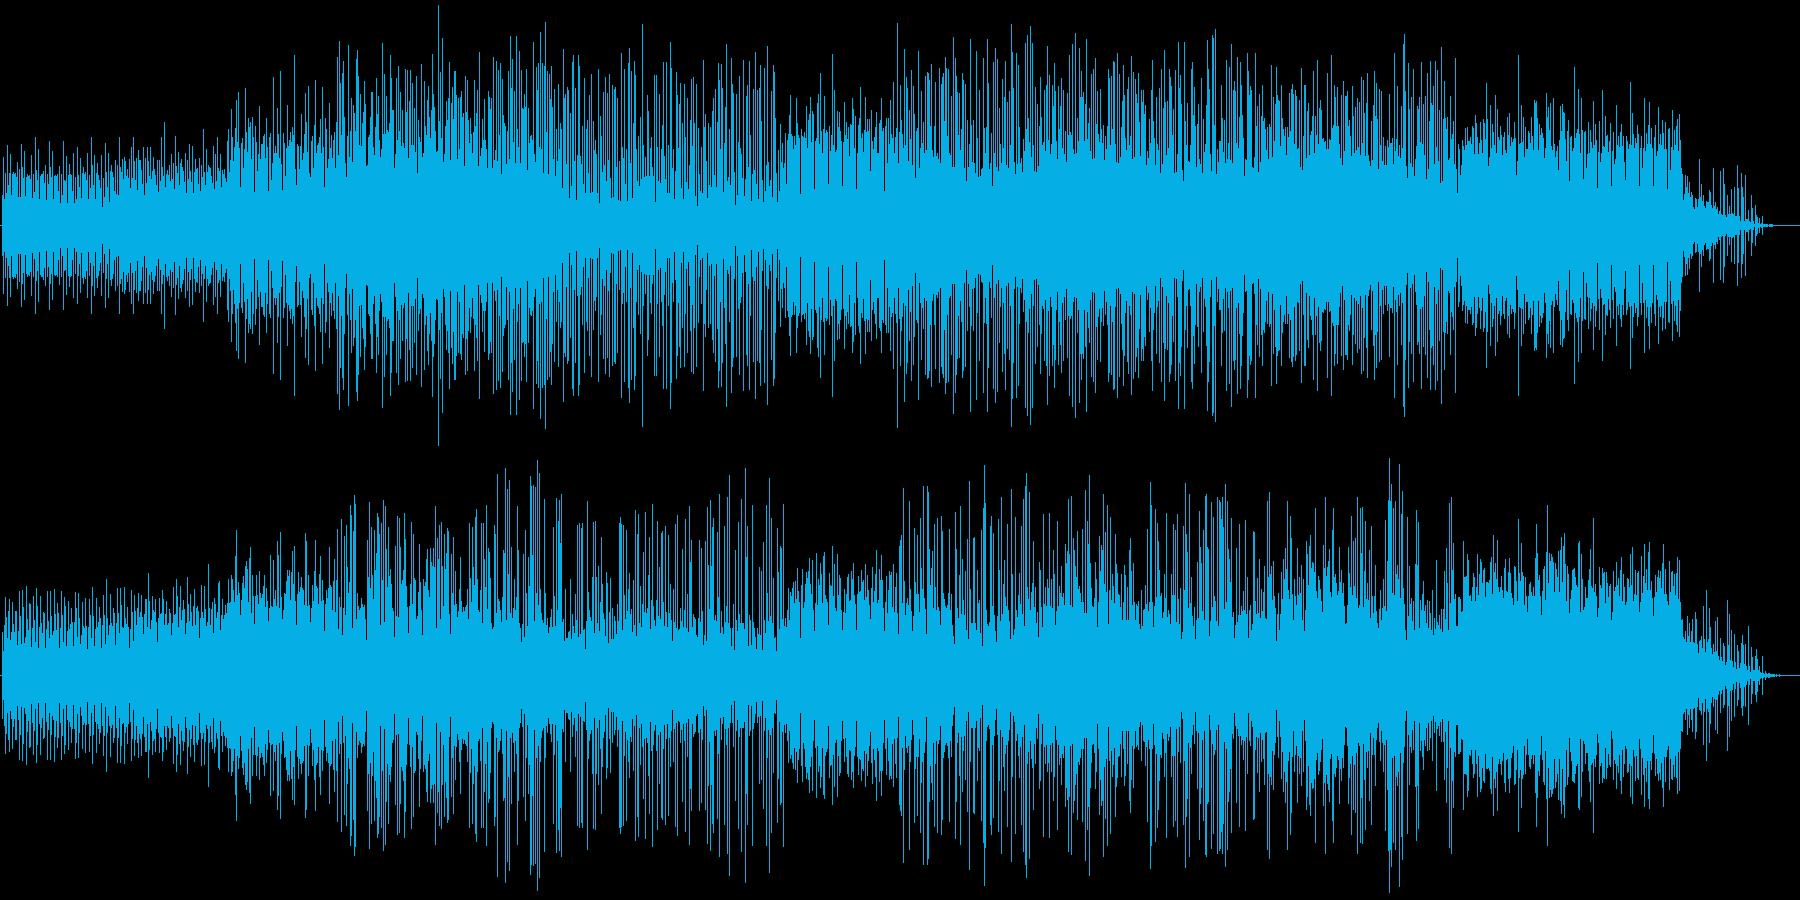 都会的で疾走感のあるテクノポップスの再生済みの波形